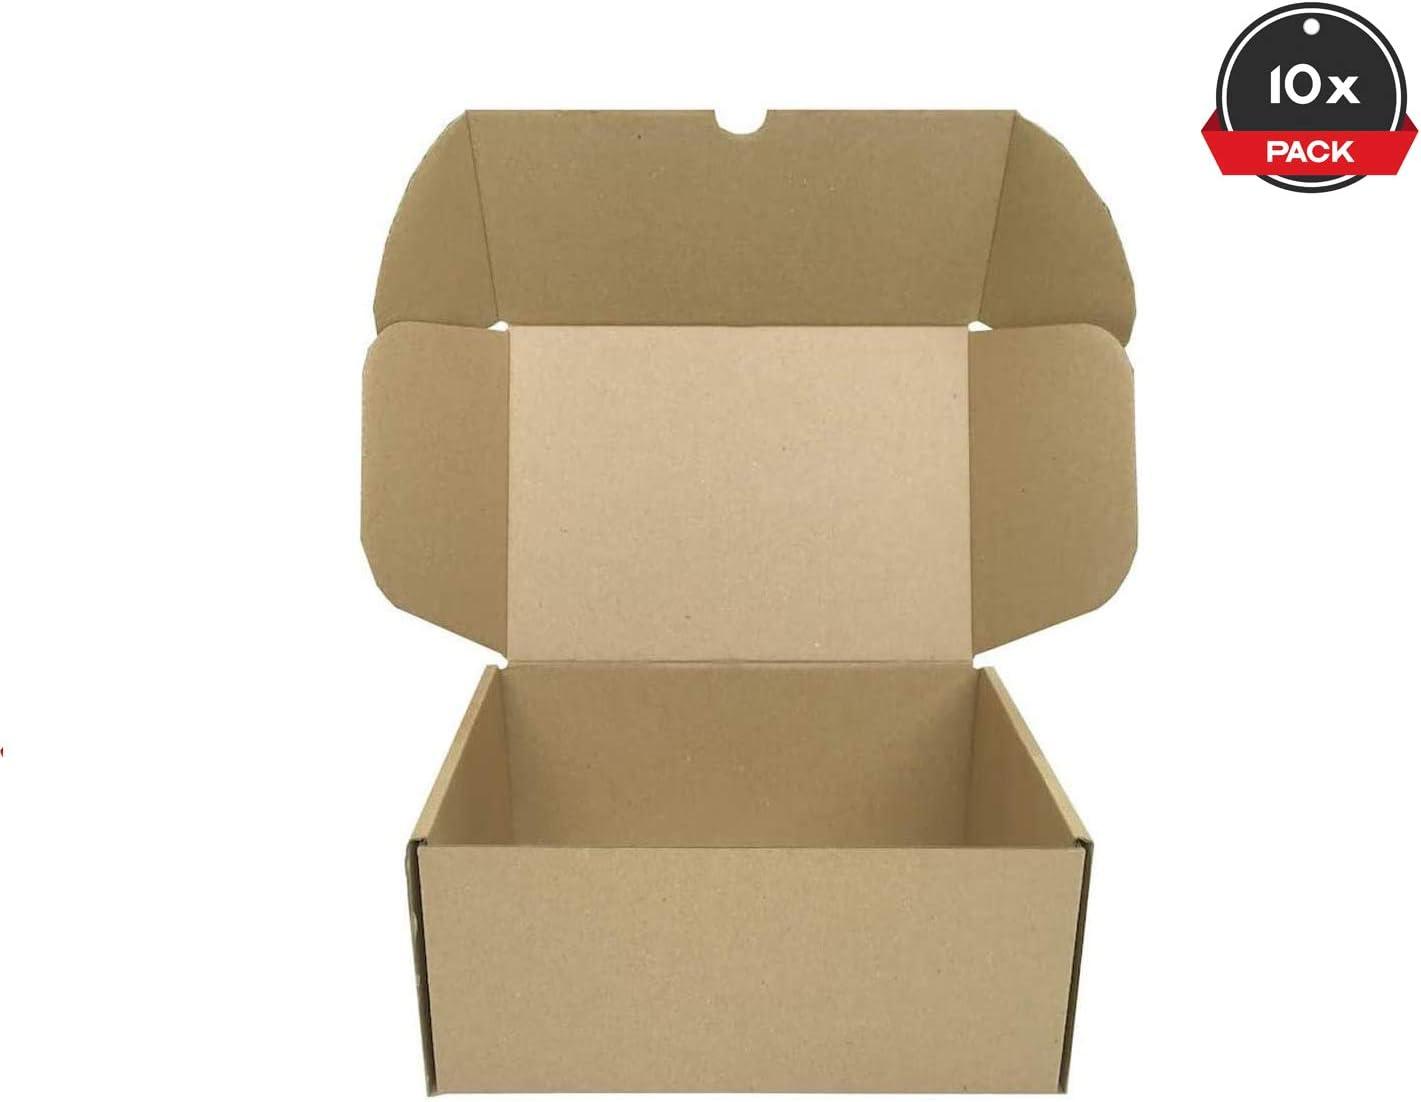 Cajeando | Pack de 10 Cajas de Cartón Automontables | Tamaño 21,6 x 15,3 x 10 cm | Para Envíos y Mudanzas | Color Marrón y Microcanal | Fabricadas en España: Amazon ...